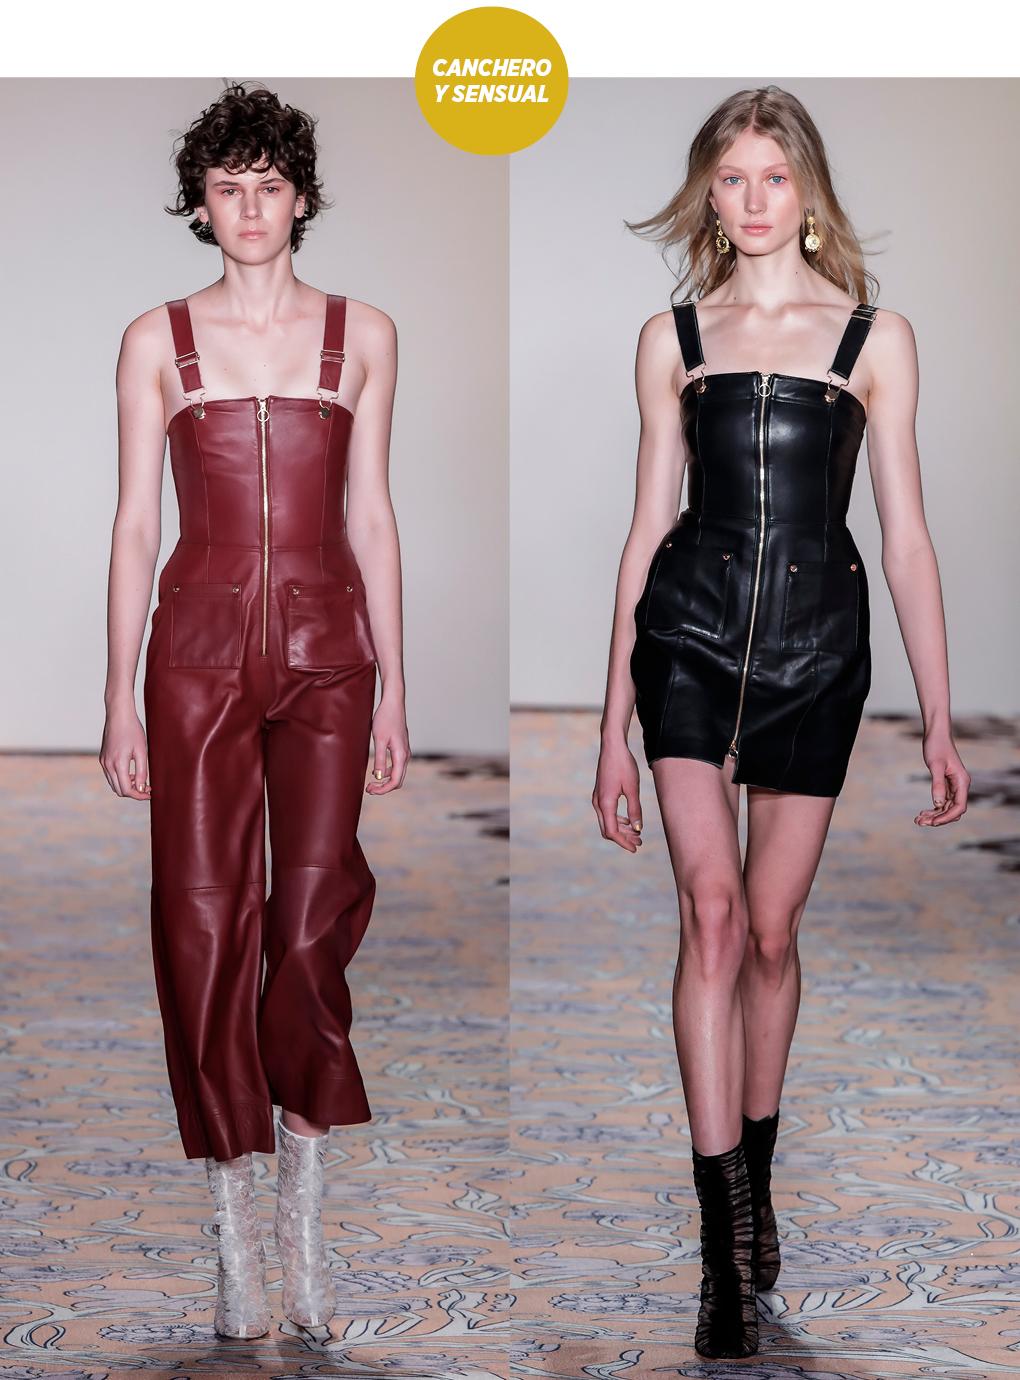 Dos modelos en pasarela lucen un total look en cuero, bordó y marrón.